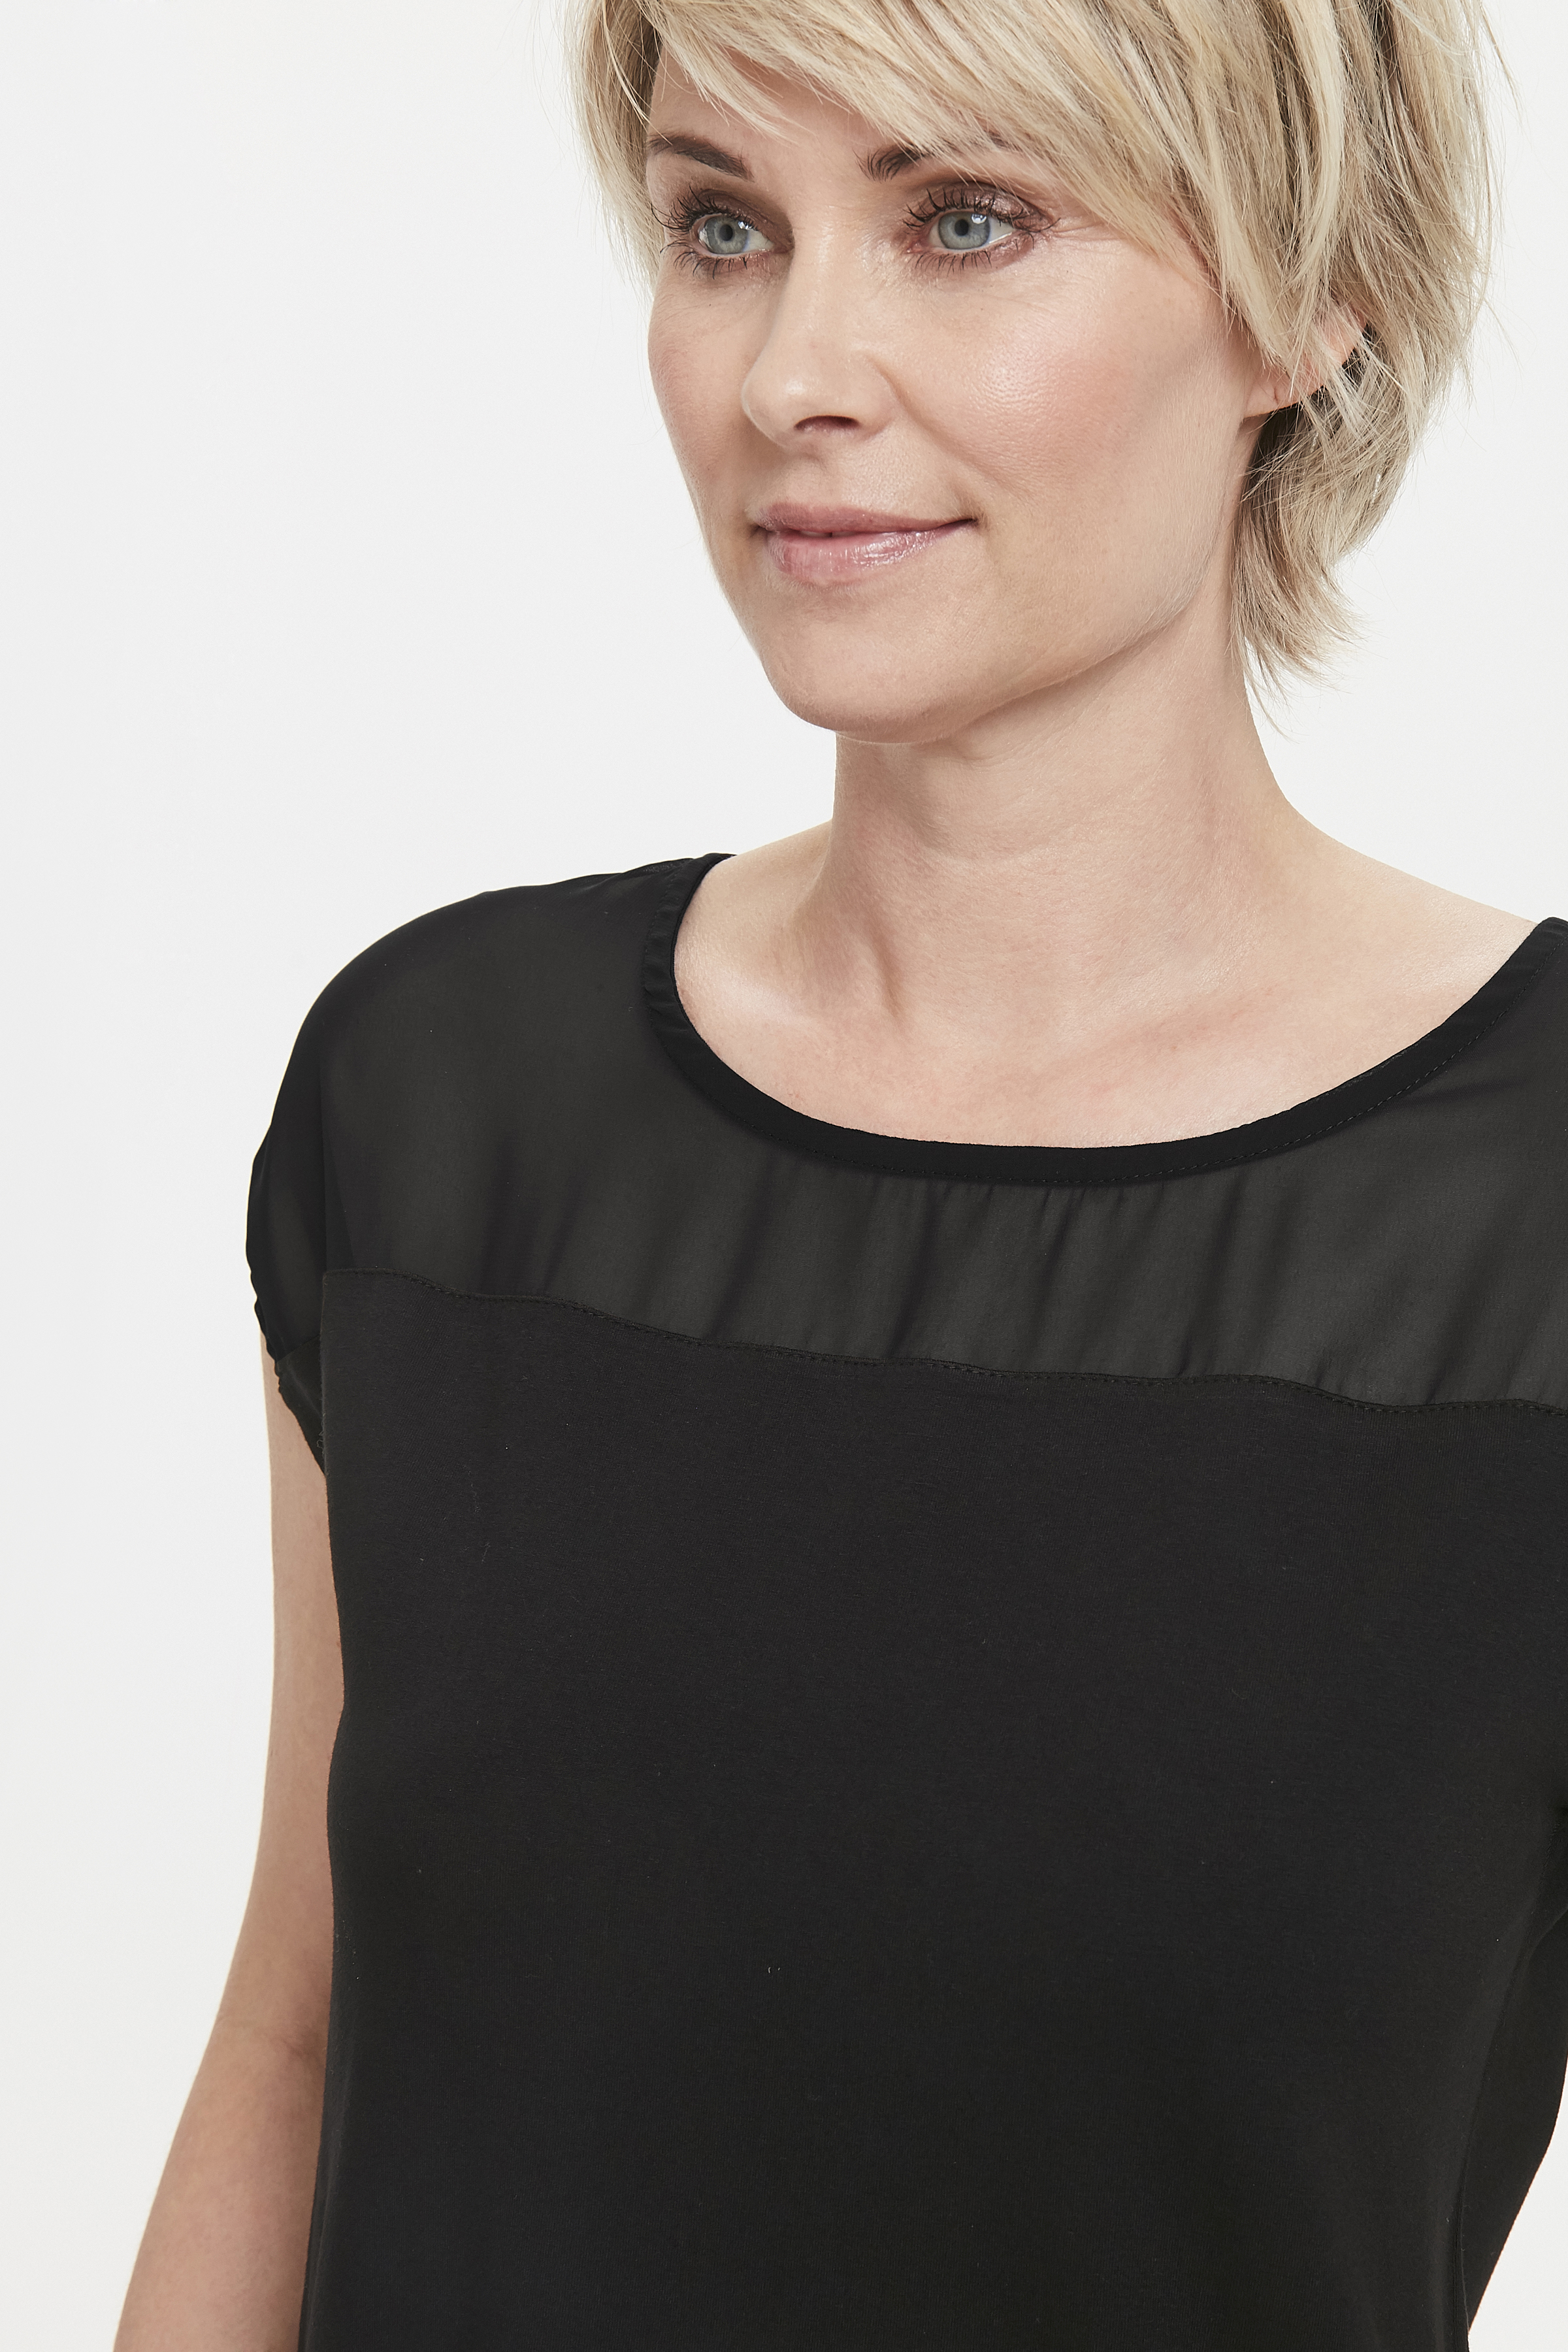 Schwarz Kurzarm-Shirt von Bon'A Parte – Shoppen Sie Schwarz Kurzarm-Shirt ab Gr. S-2XL hier